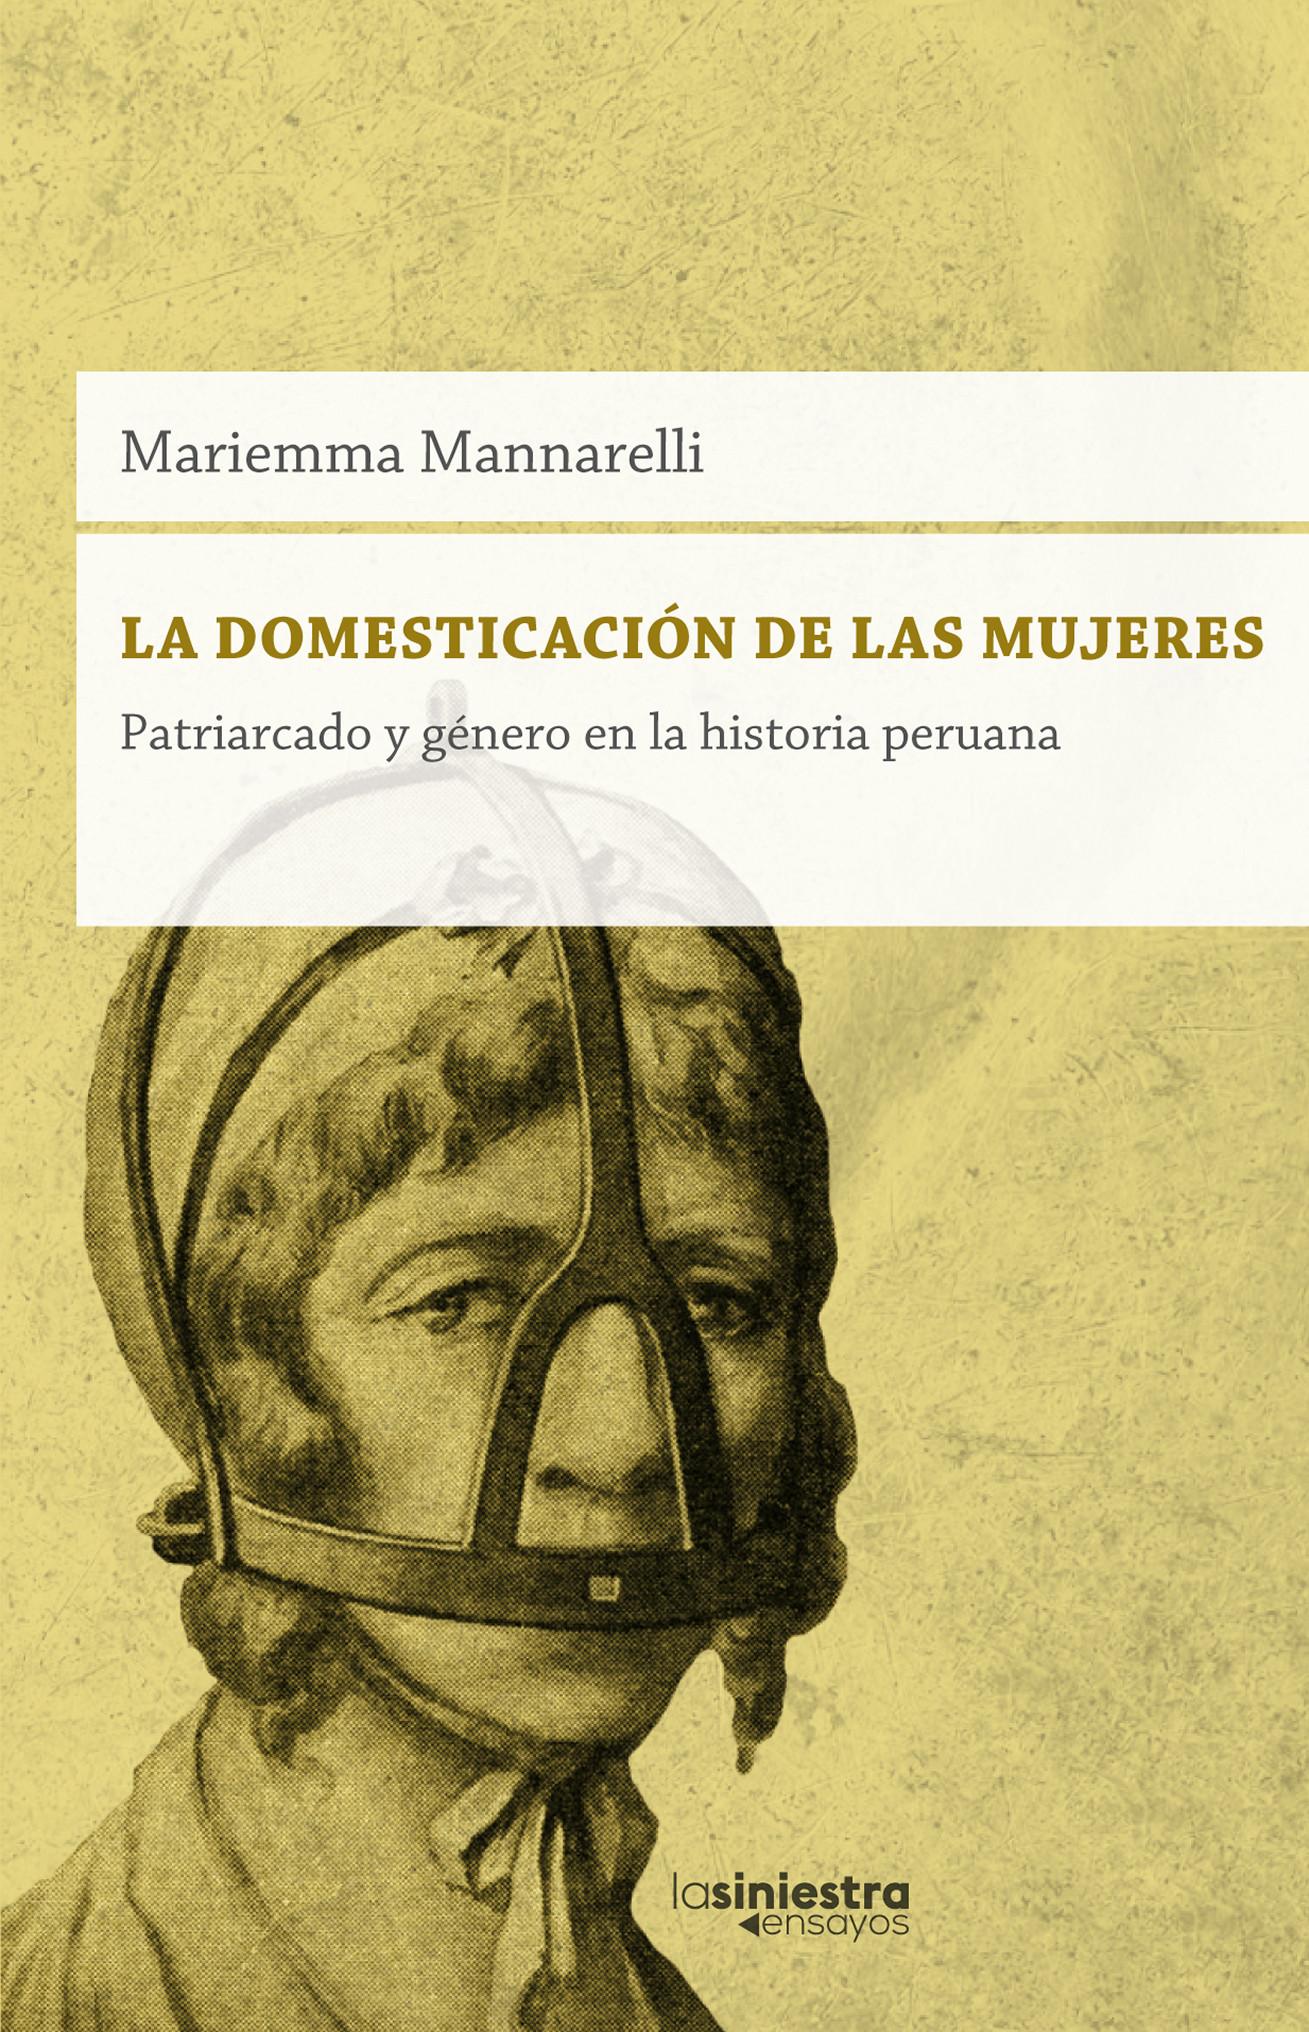 La domesticación de las mujeres